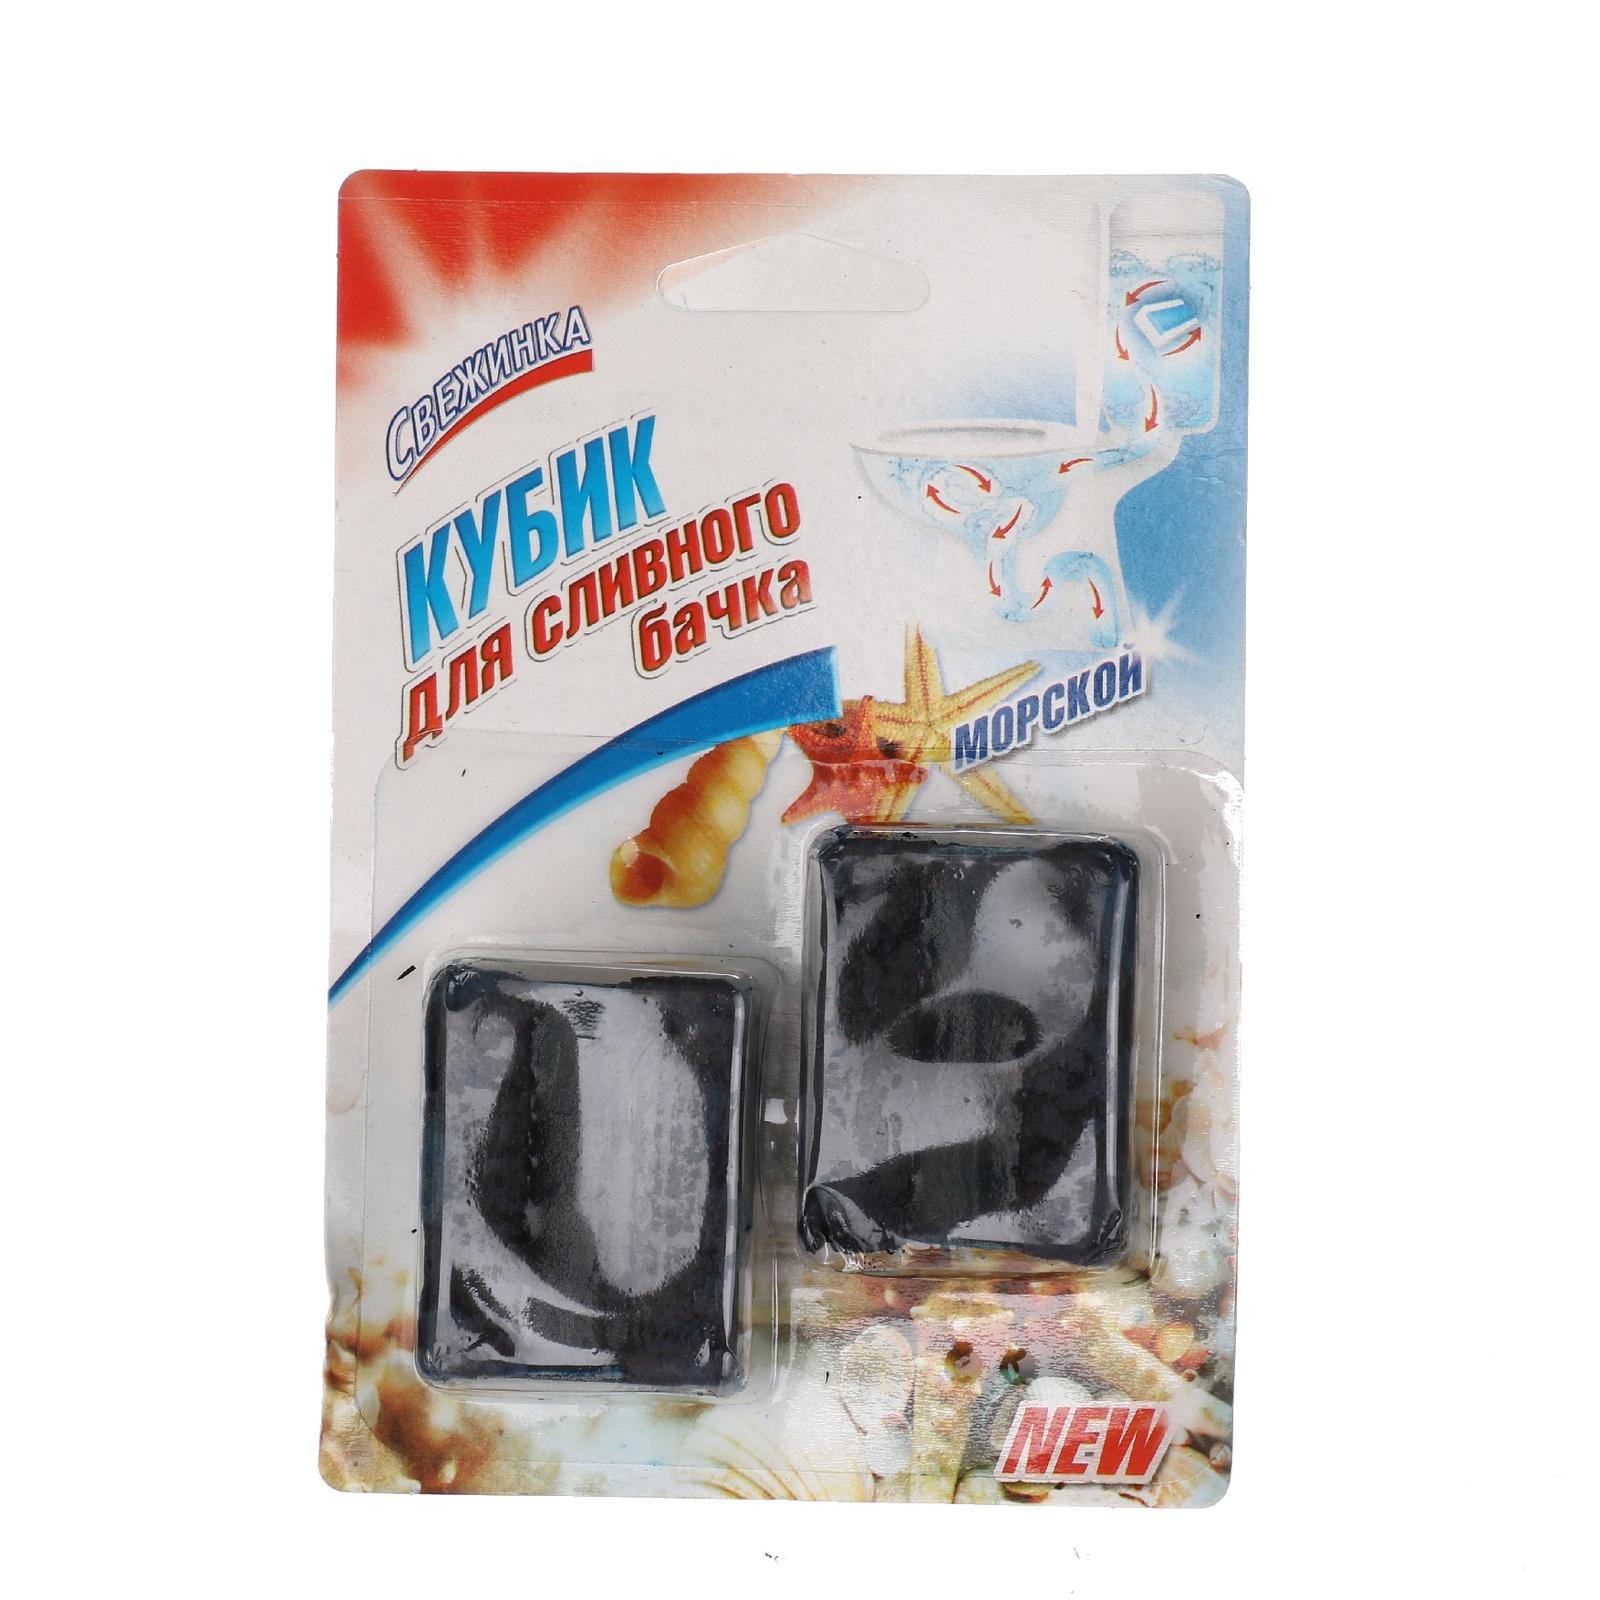 Средство для ванной и туалета Свежинка 3055 таблетка для сливного бачка antella океан